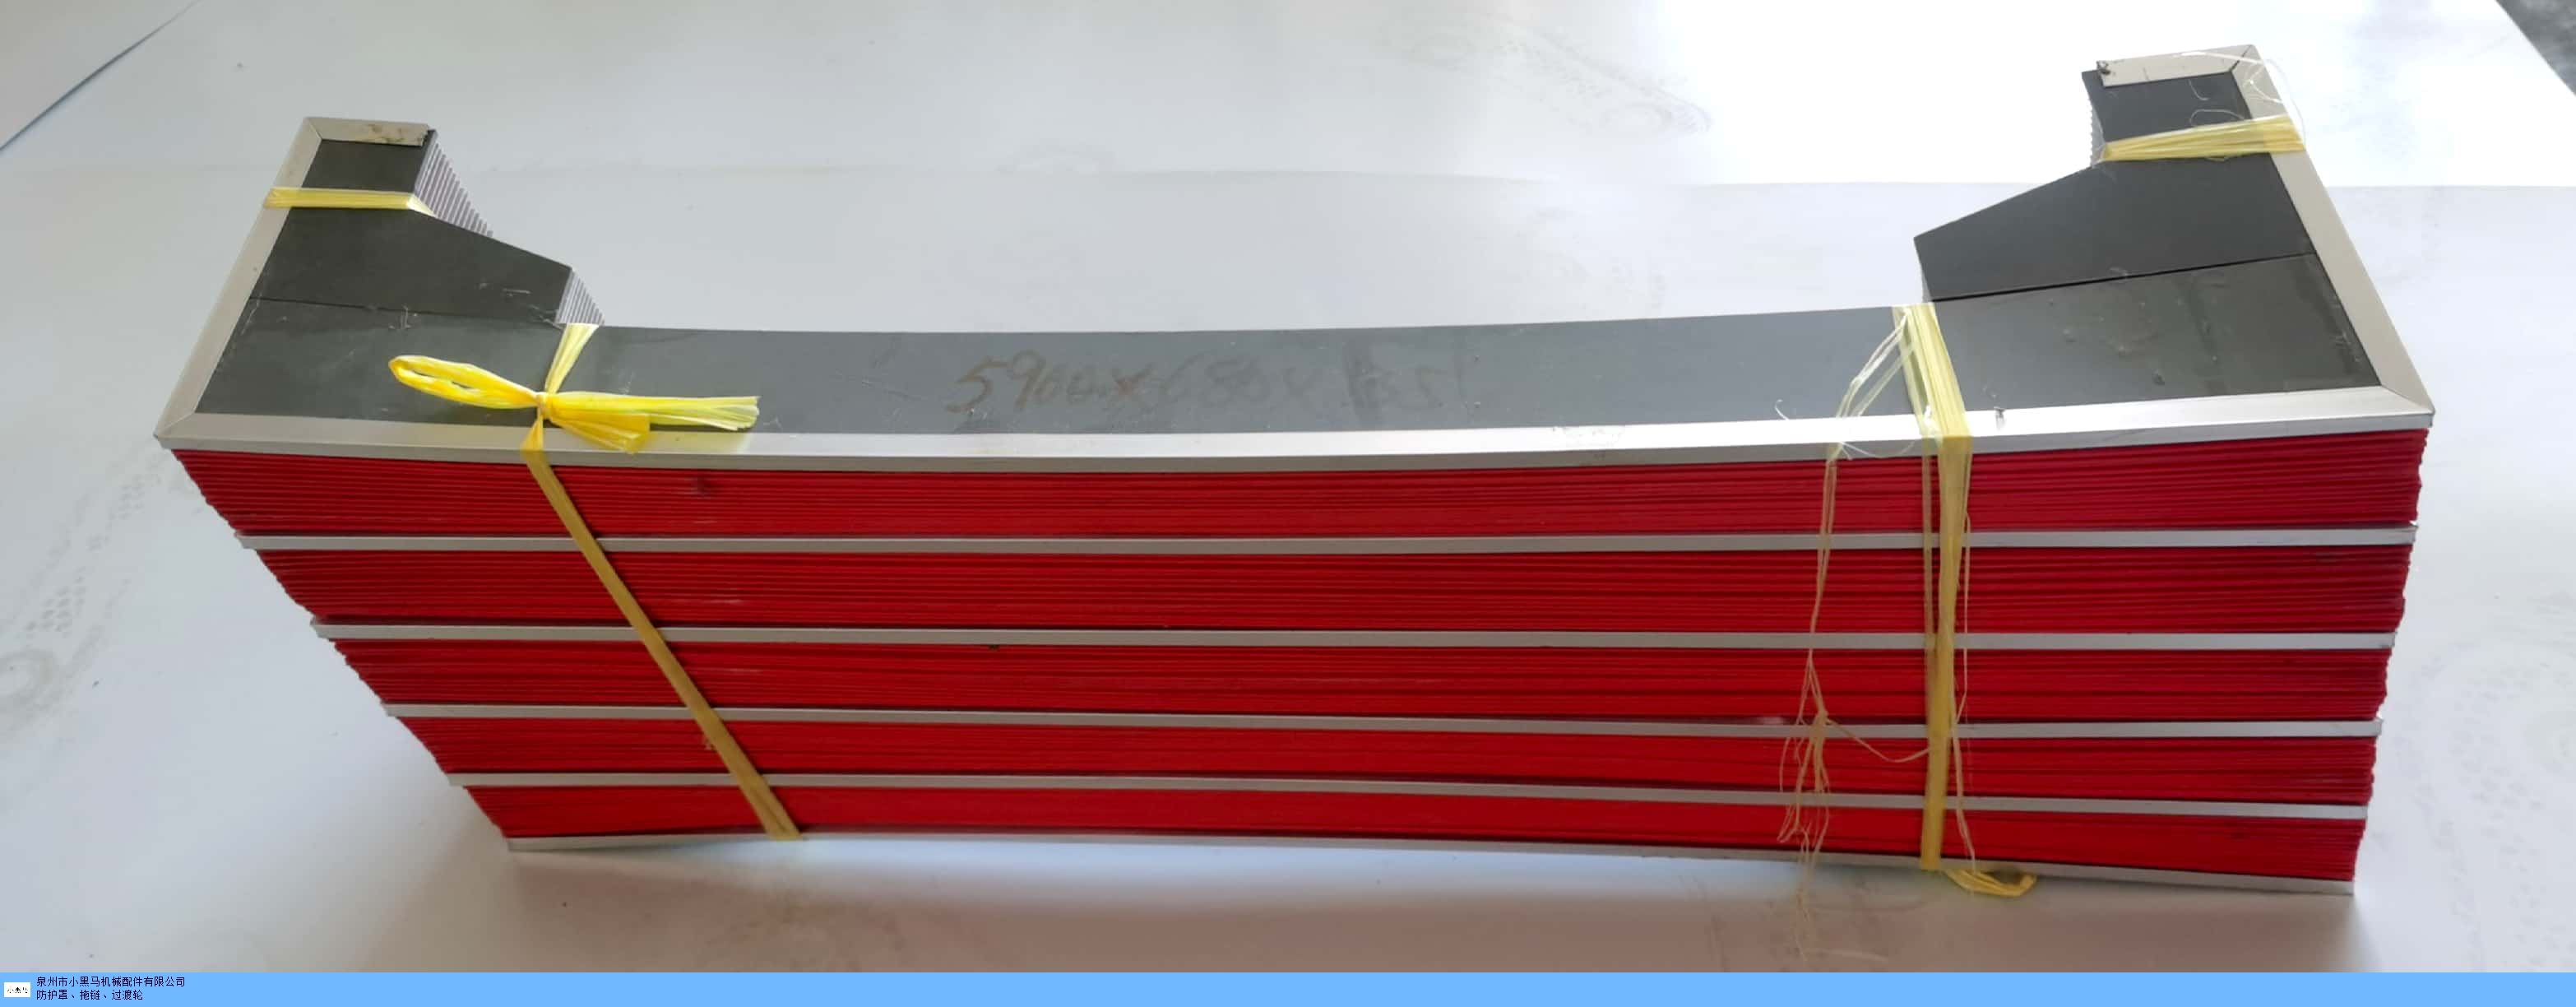 安徽機床防護罩采購